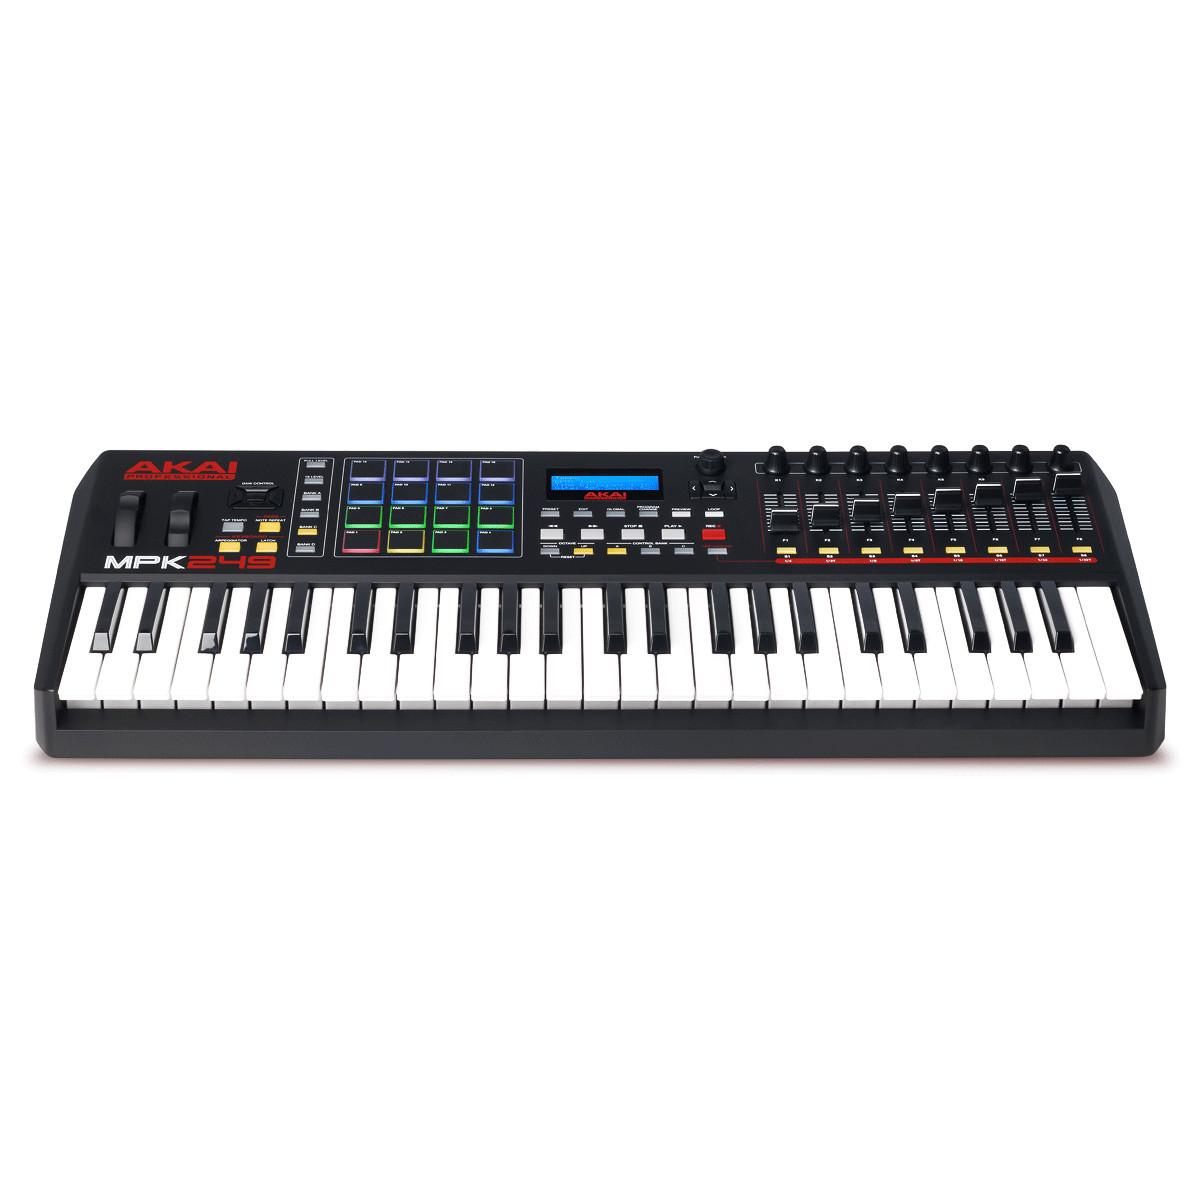 Akai MPK249 MIDI Controller Keyboard with FREE Bag